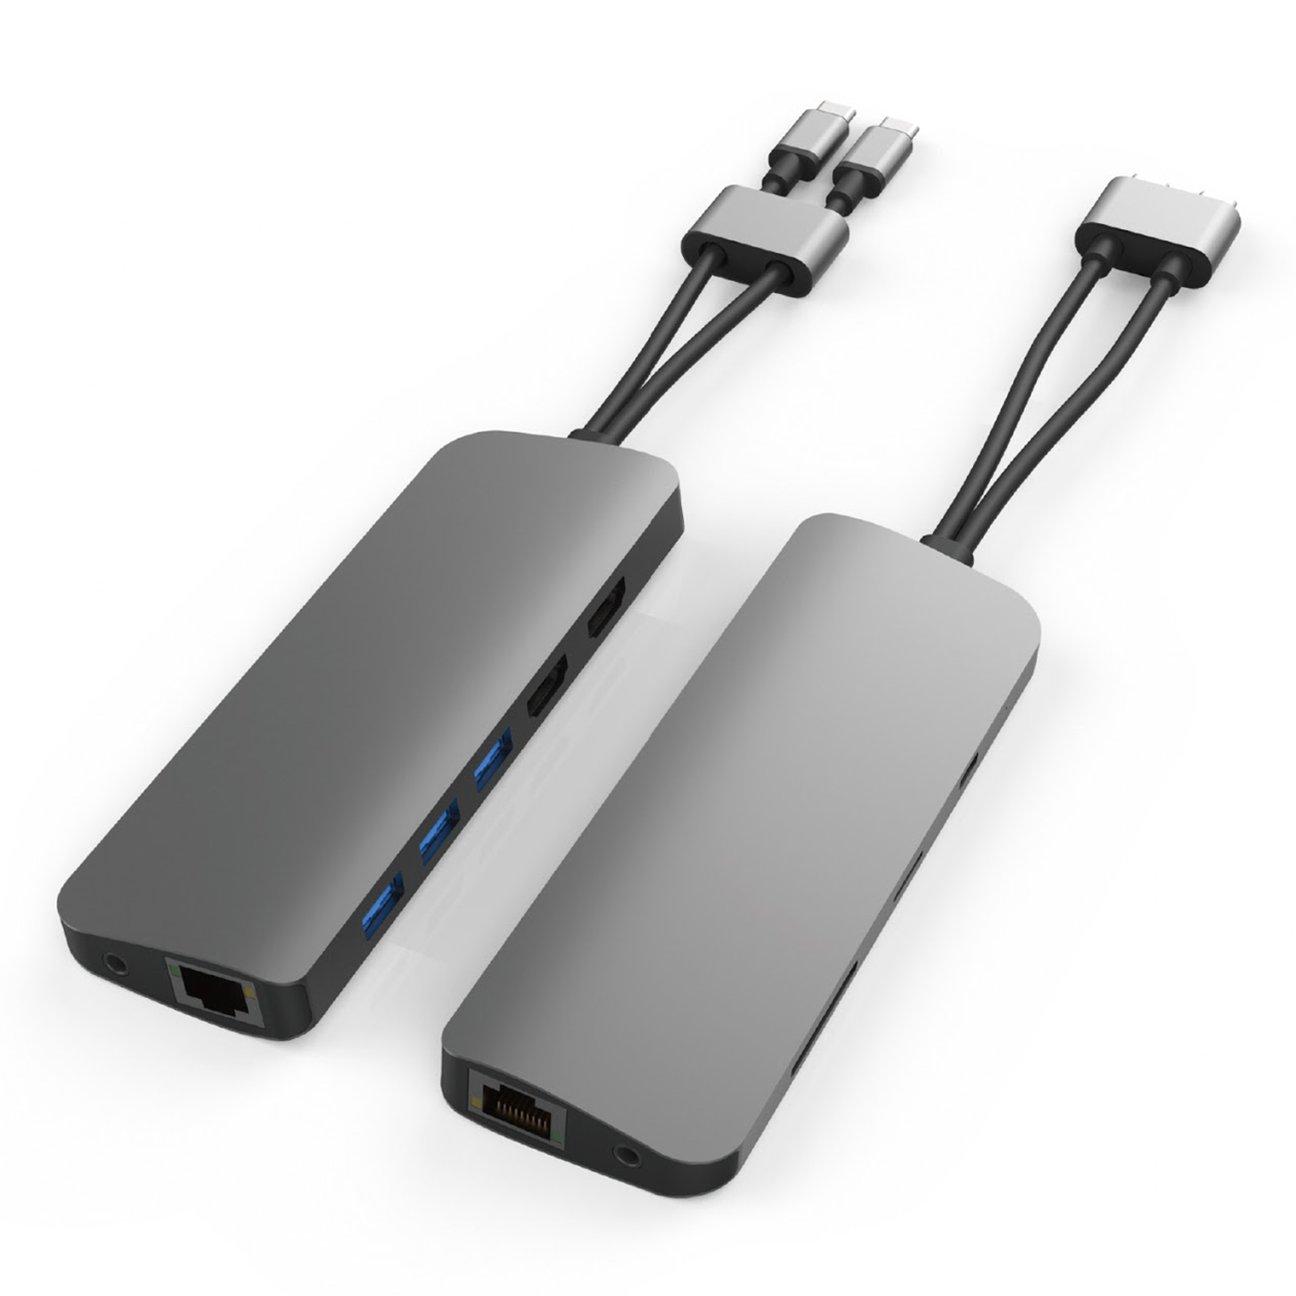 CỔNG CHUYỂN HYPERDRIVE VIBER 10-IN-2 4K60HZ USB-C HUB FOR MACBOOK/IPADPRO/LAPTOP/SMARTPHONE - HÀNG CHÍNH HÃNG